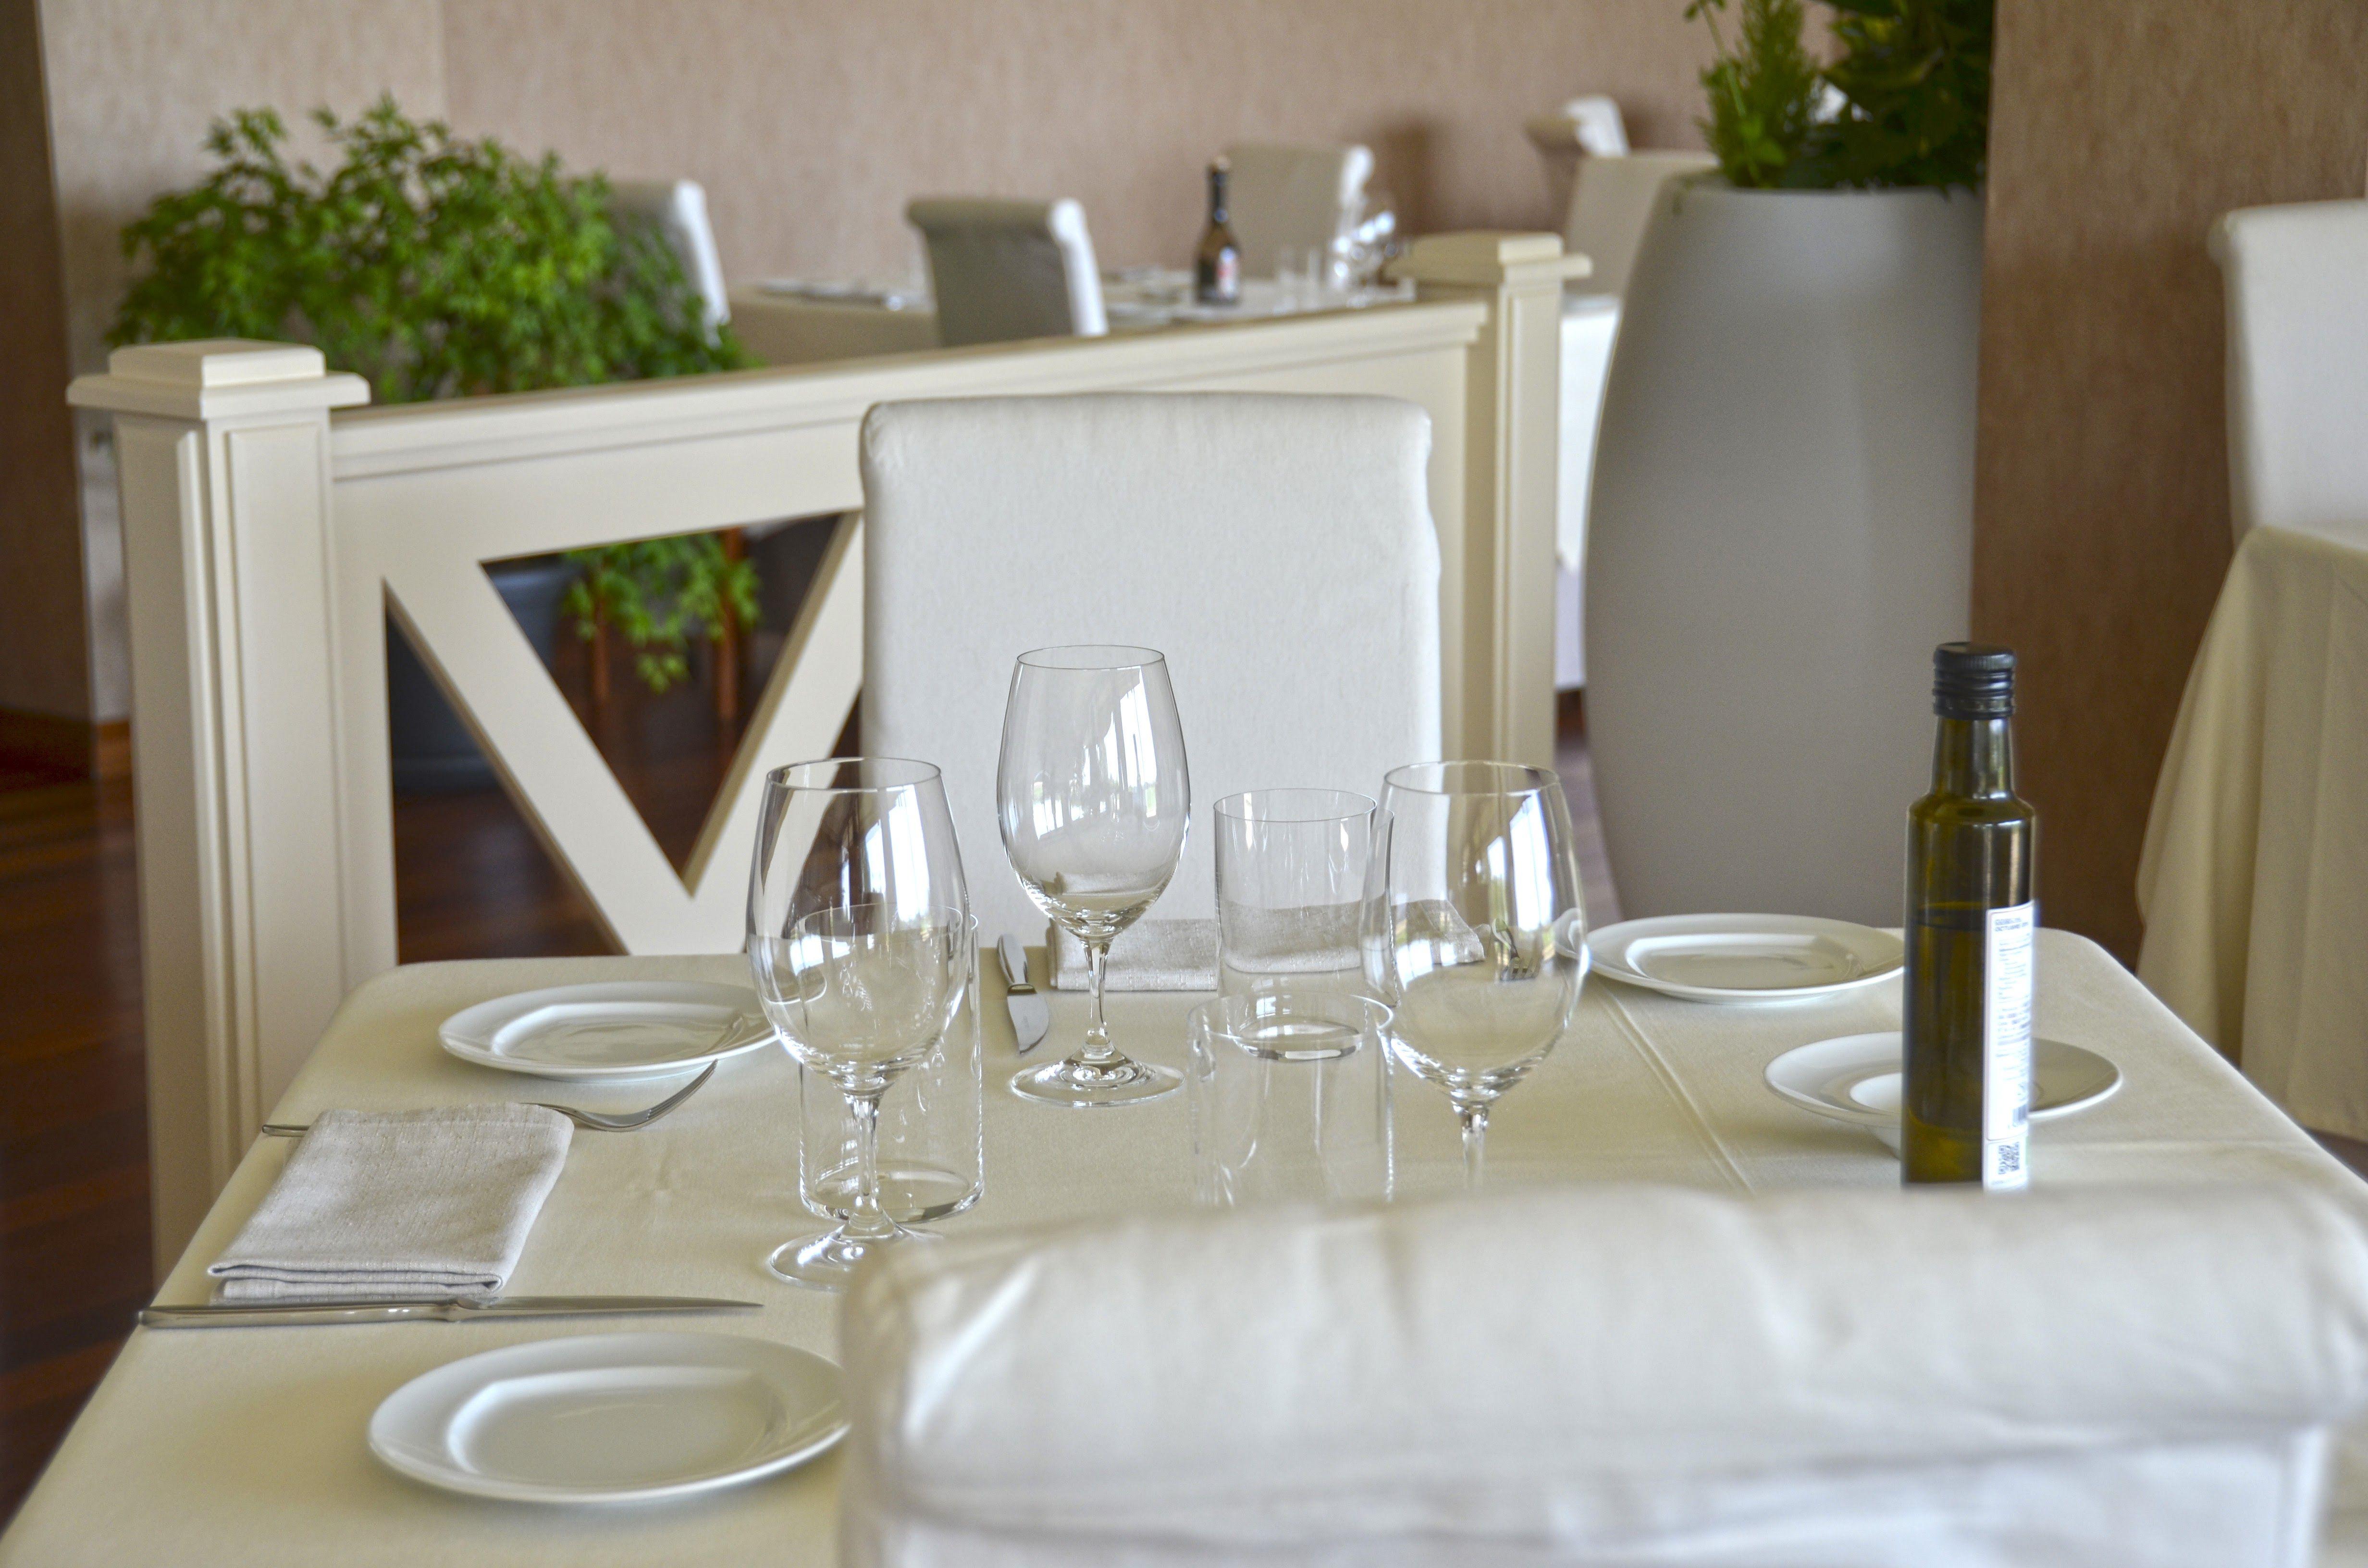 Foto 5 de Cocina creativa en Valladolid   Restaurante Dámaso